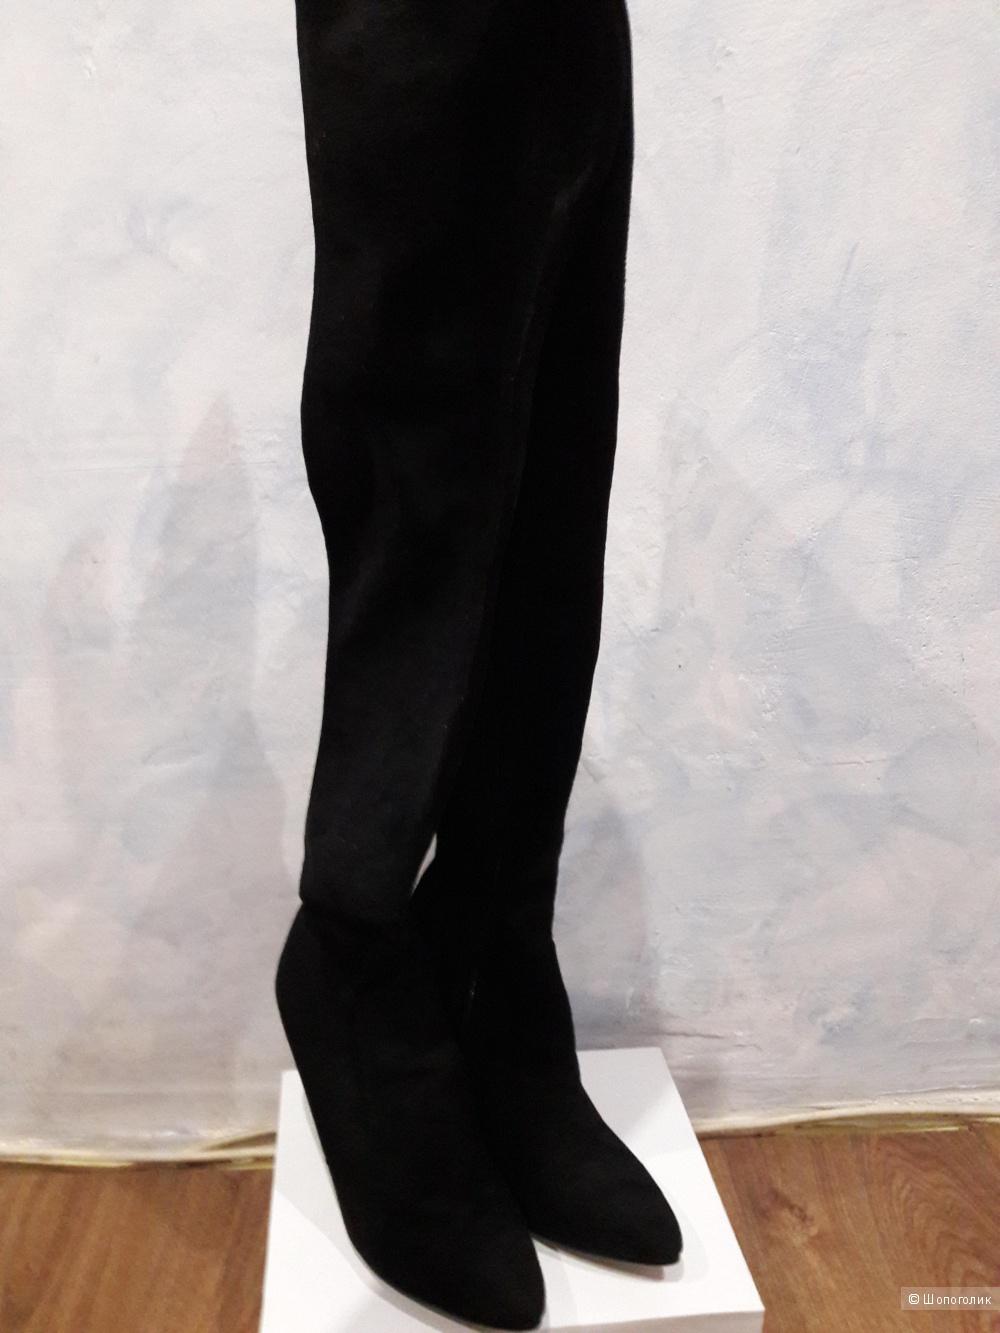 Ботфорты Саsadei, черного цвета , размер 37